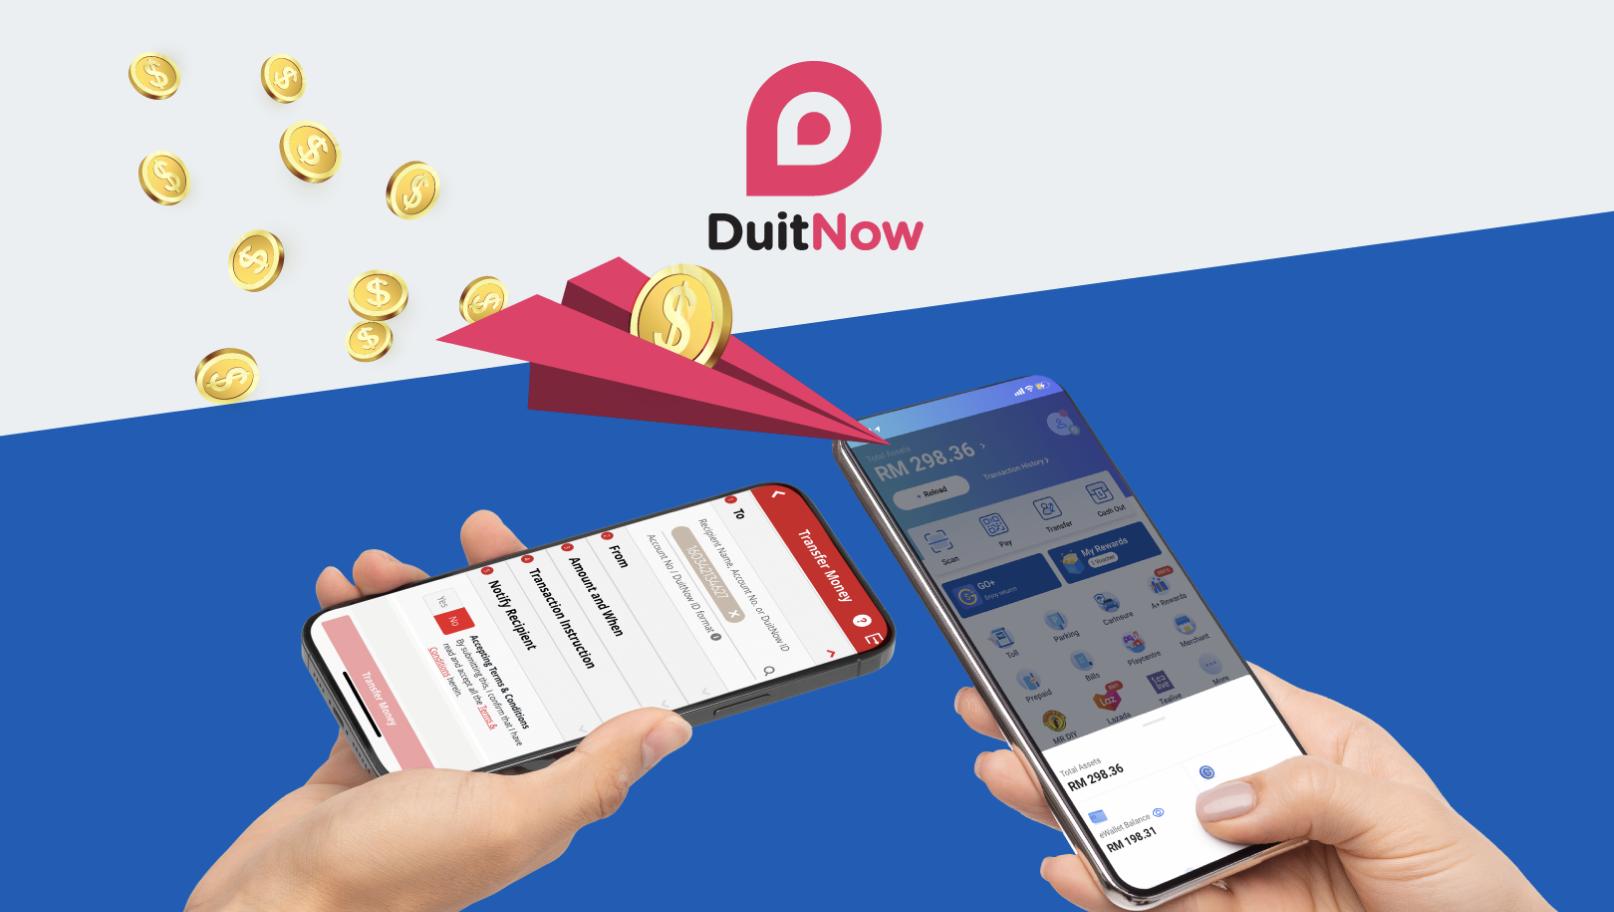 Seamless funds transfer via DuitNow Transfer